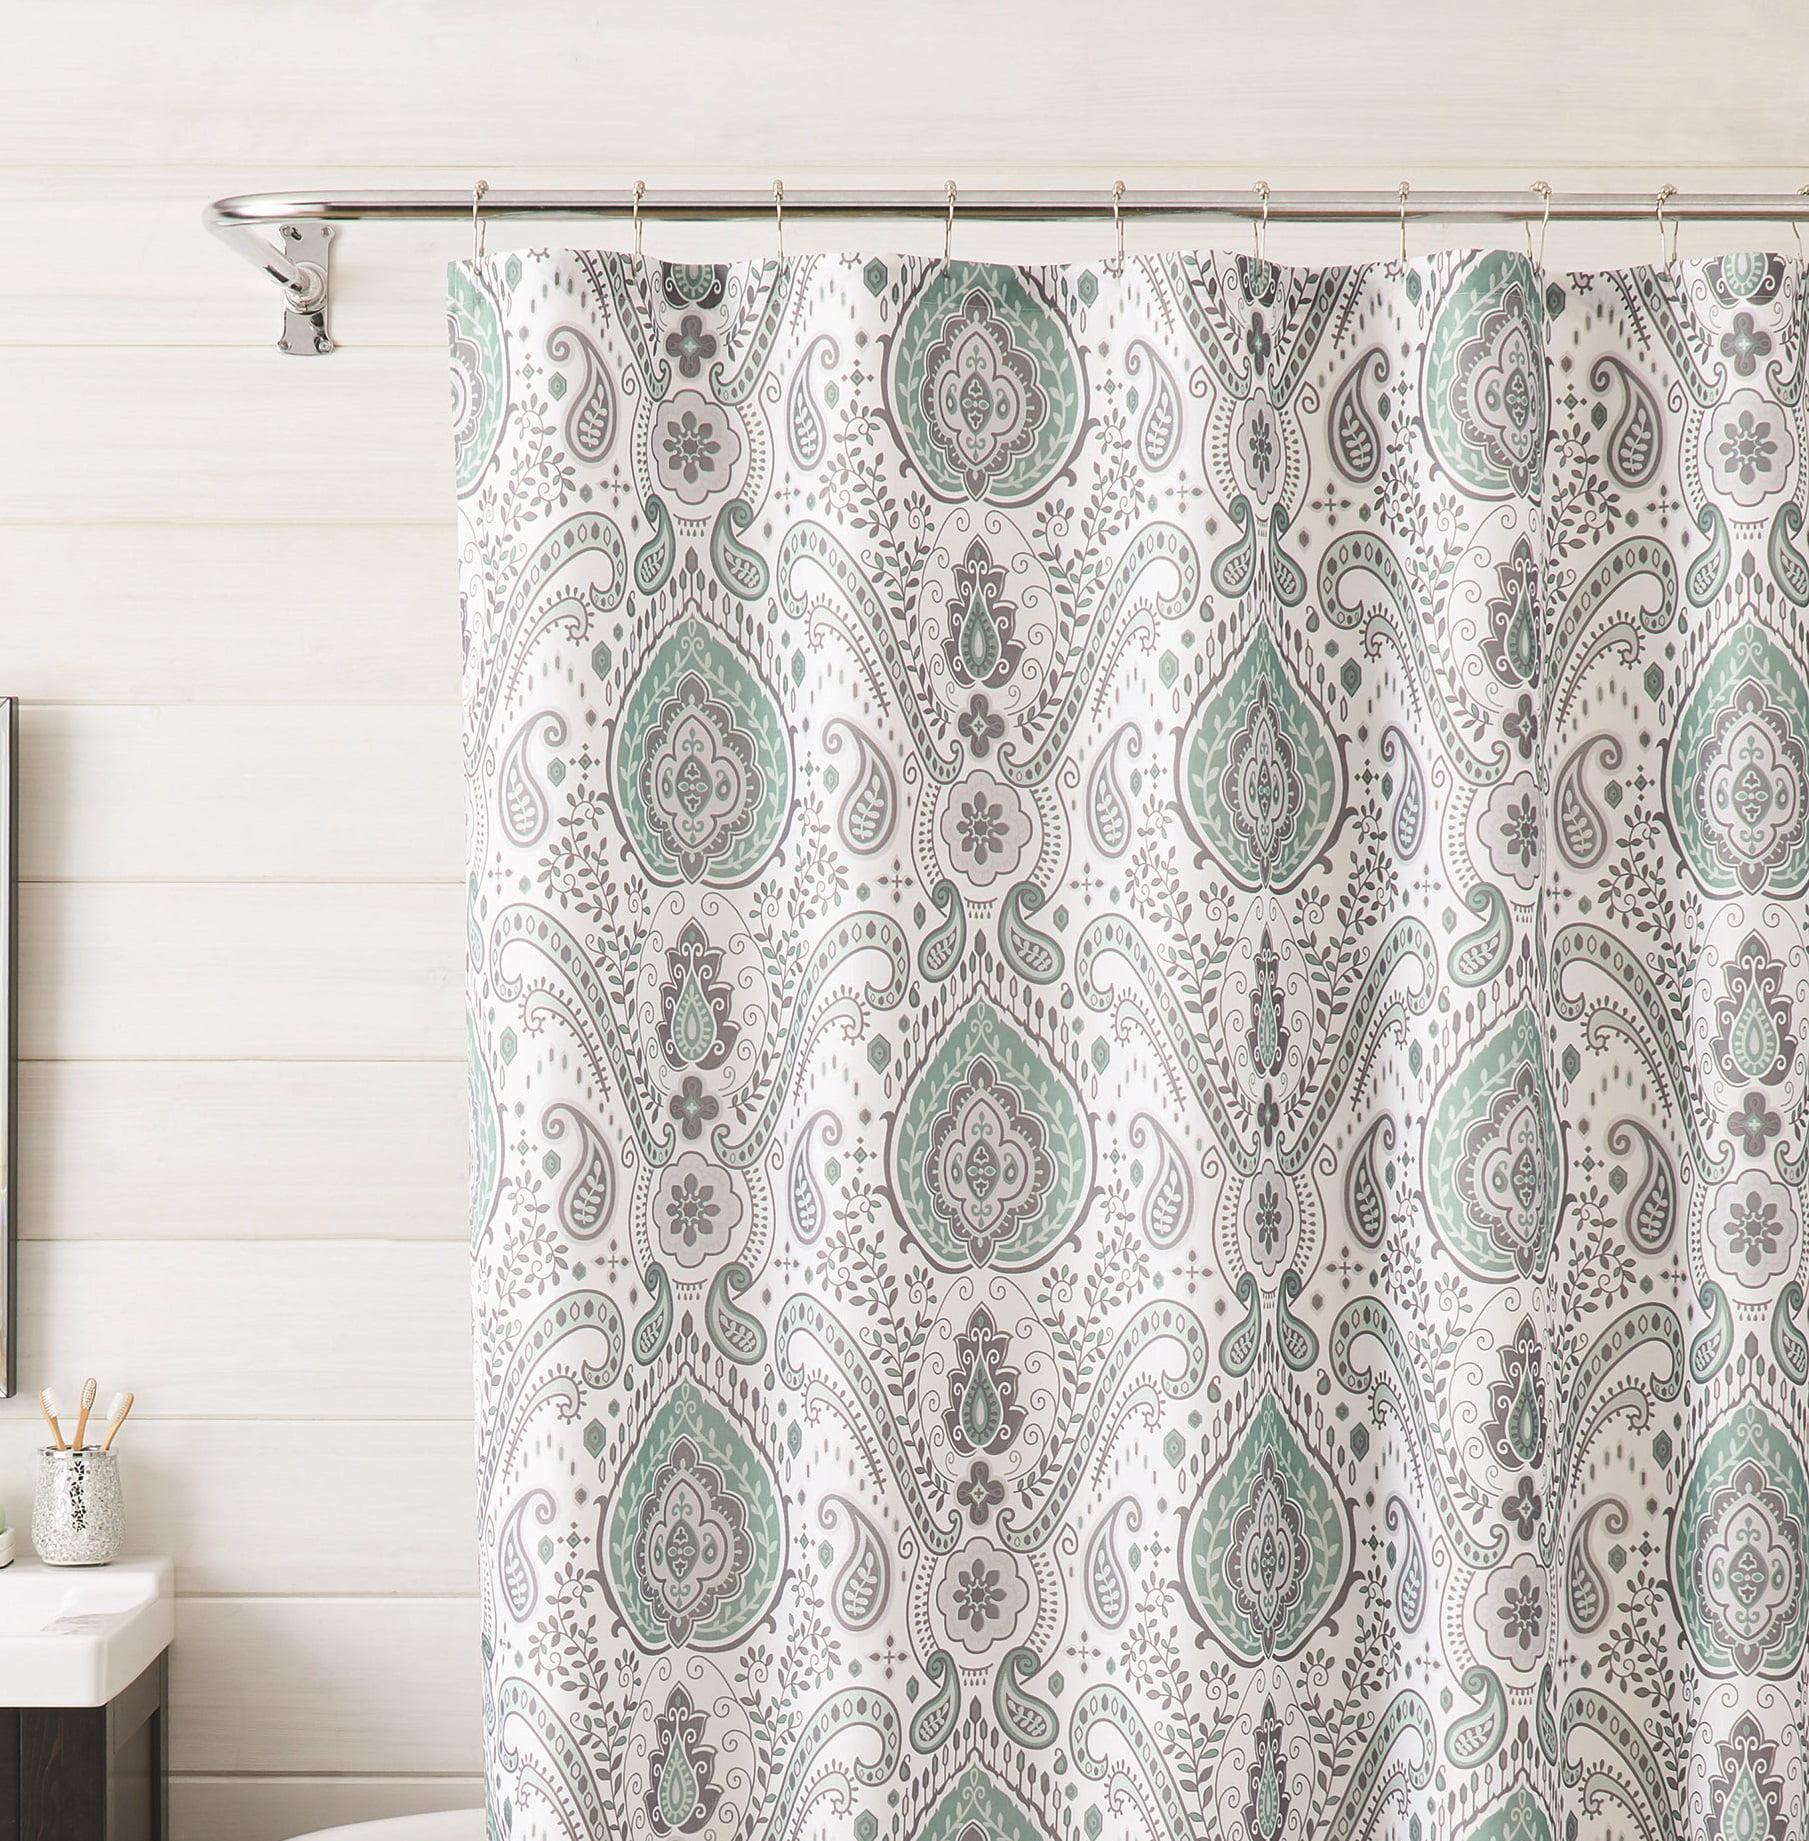 Better Homes Gardens 14 Piece Geometric Shower Curtain Set